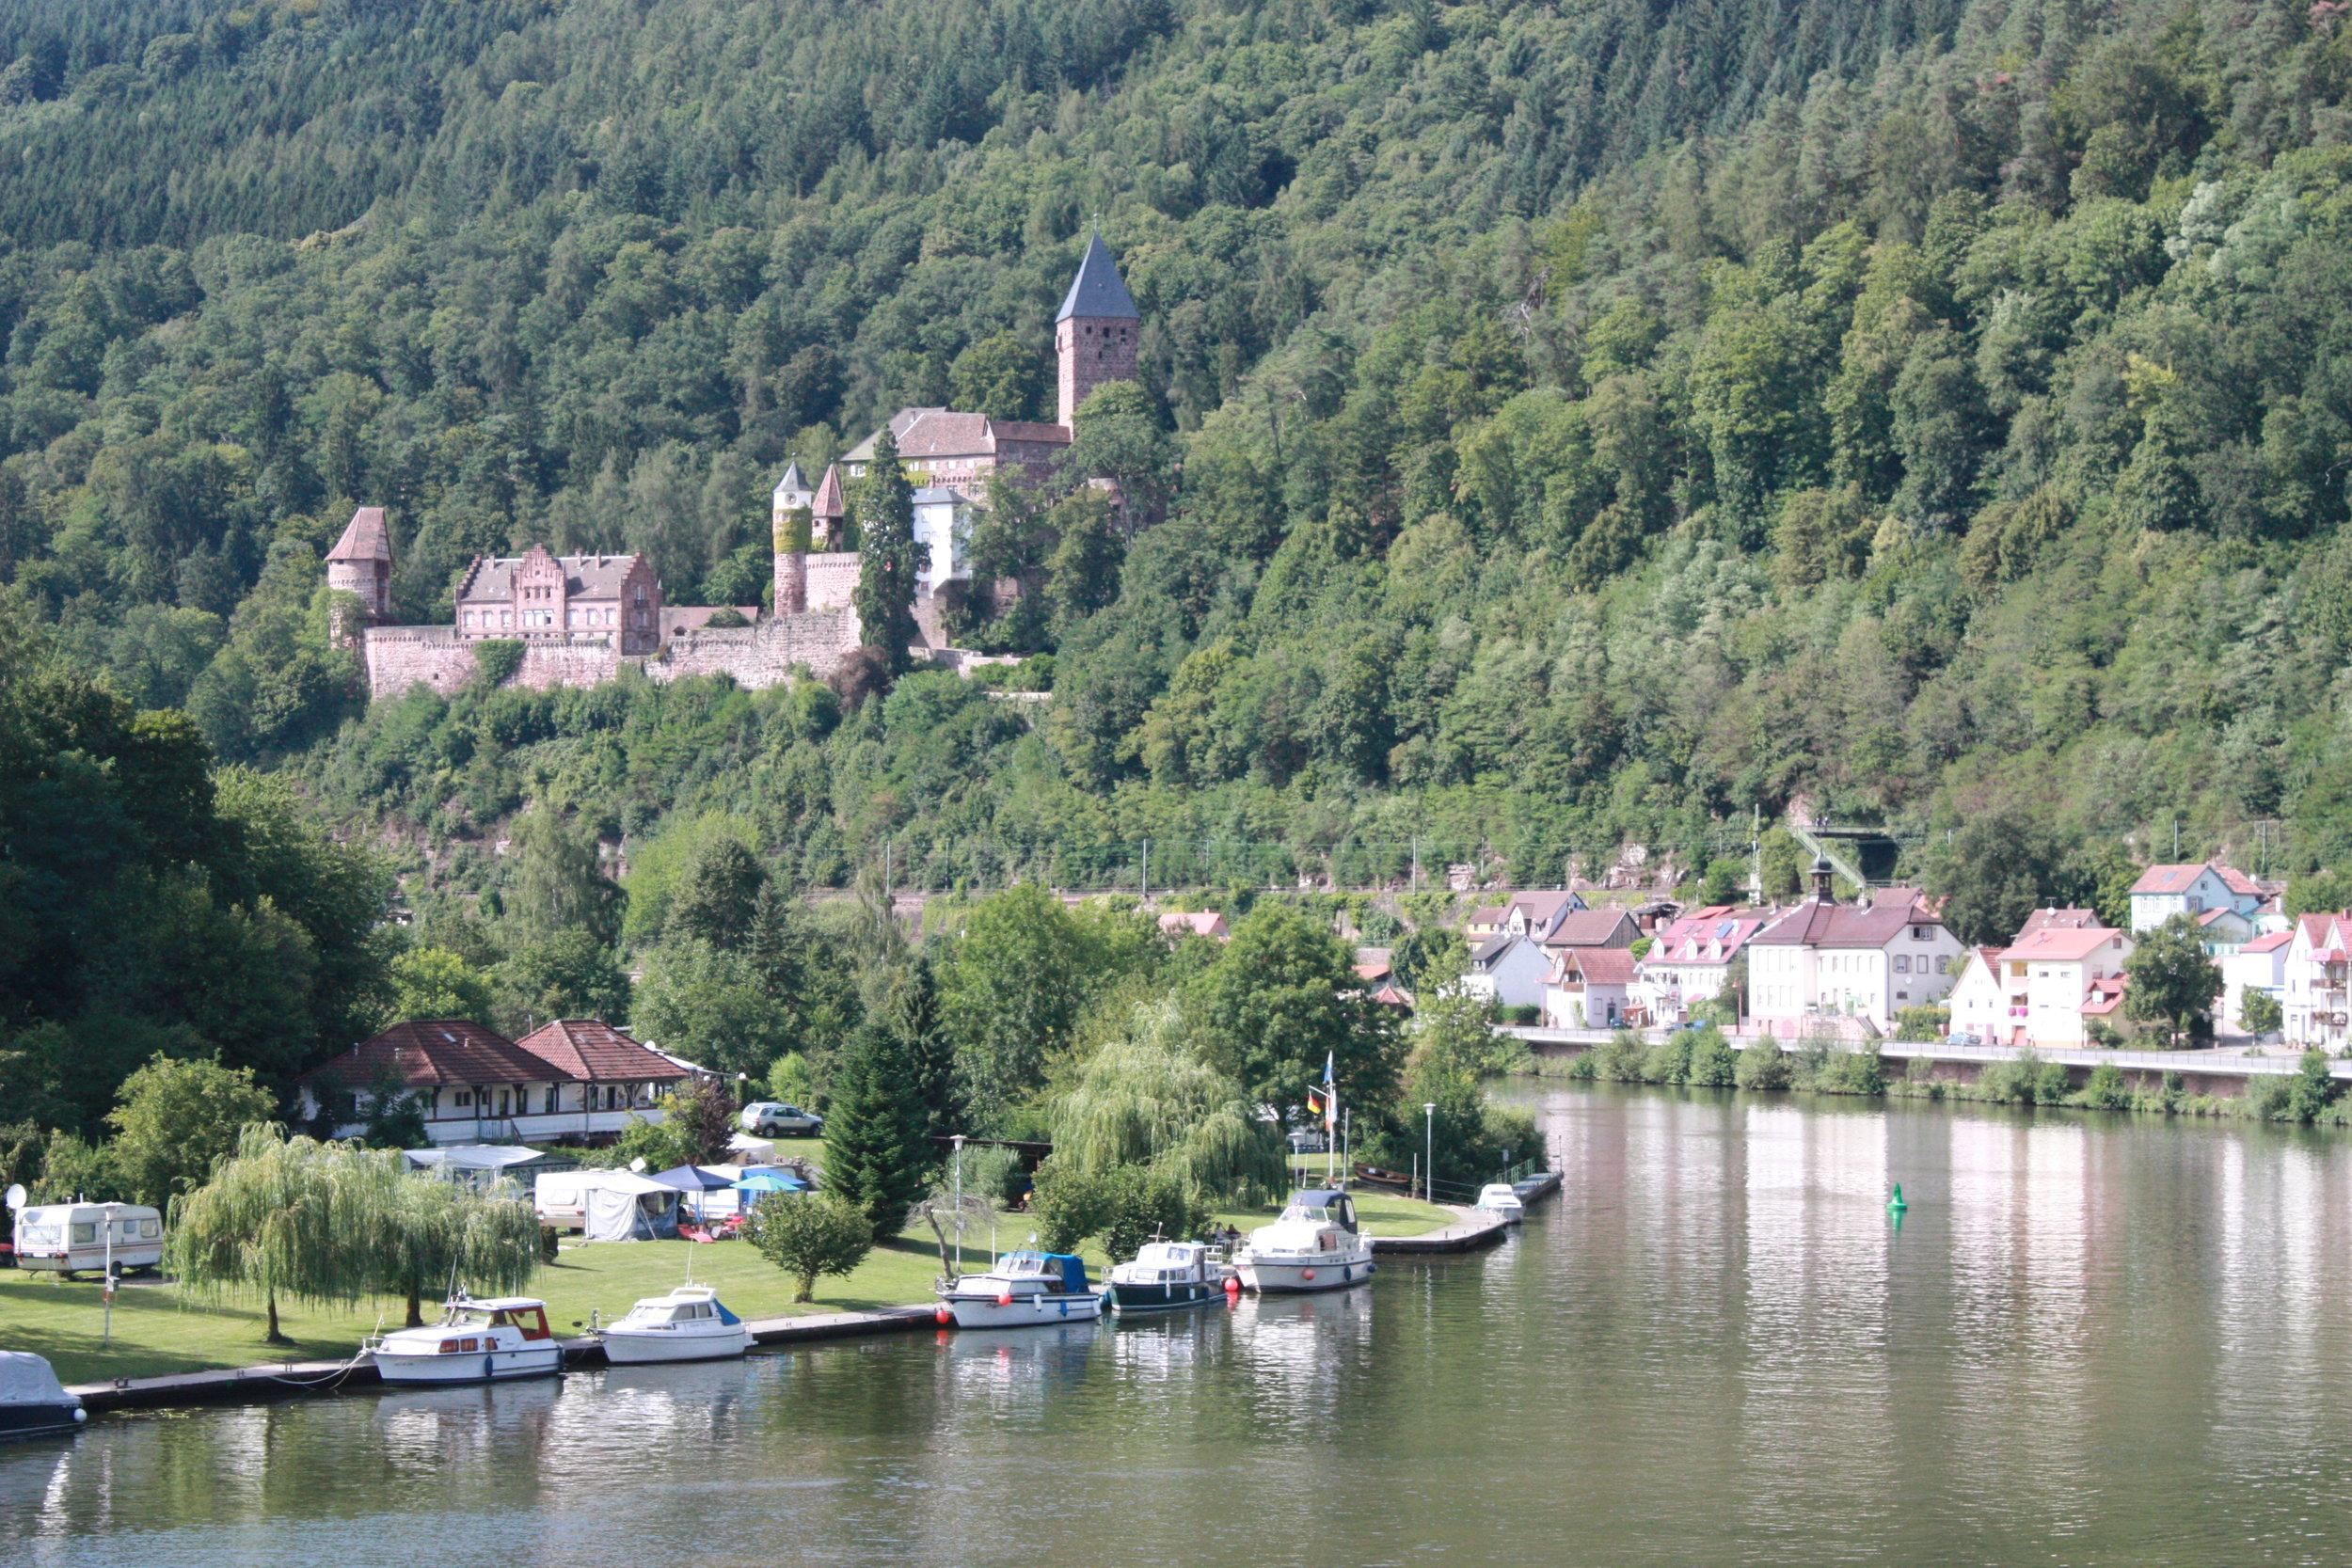 Auf dem Wasser durch das herrlische Neckartal mit seinen historischen Burgen und Altstädten - Landgang erwünscht.